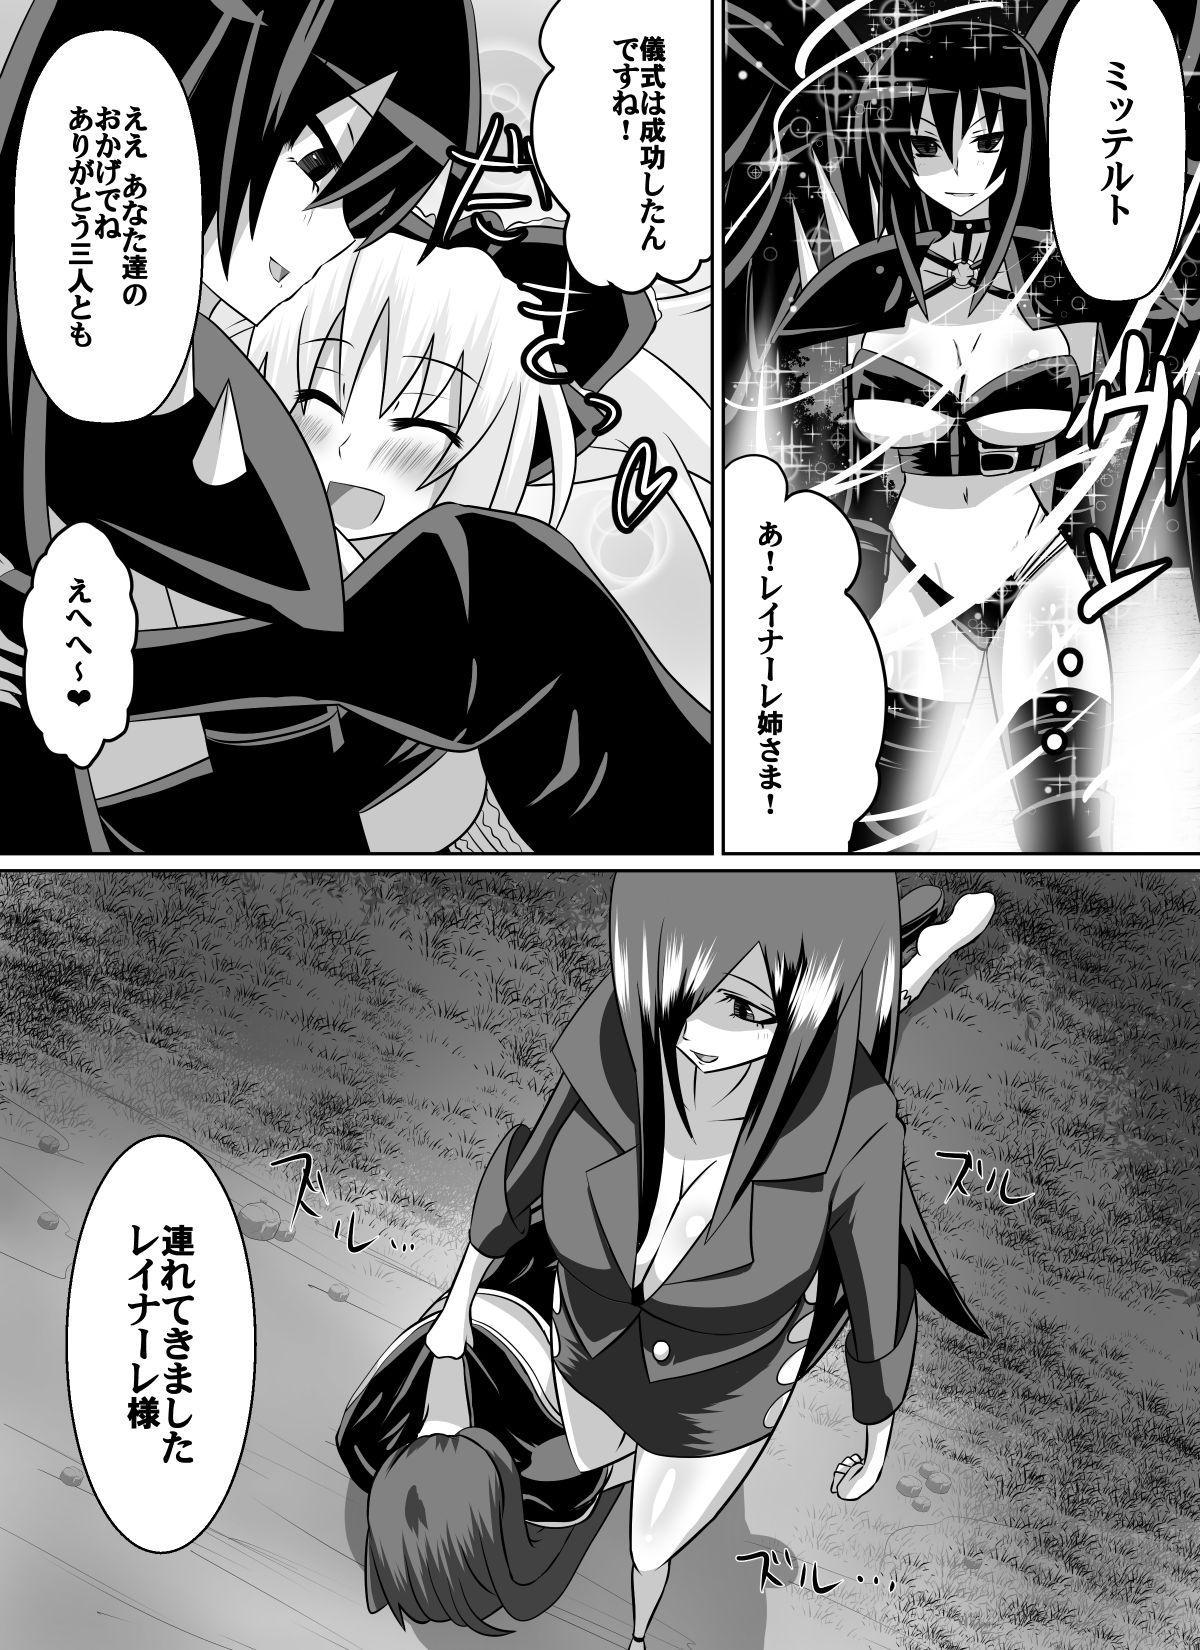 Benigami no Messatsuki ~Teki Onna ni Juurin Sareru Kouketsu Shoujo 11